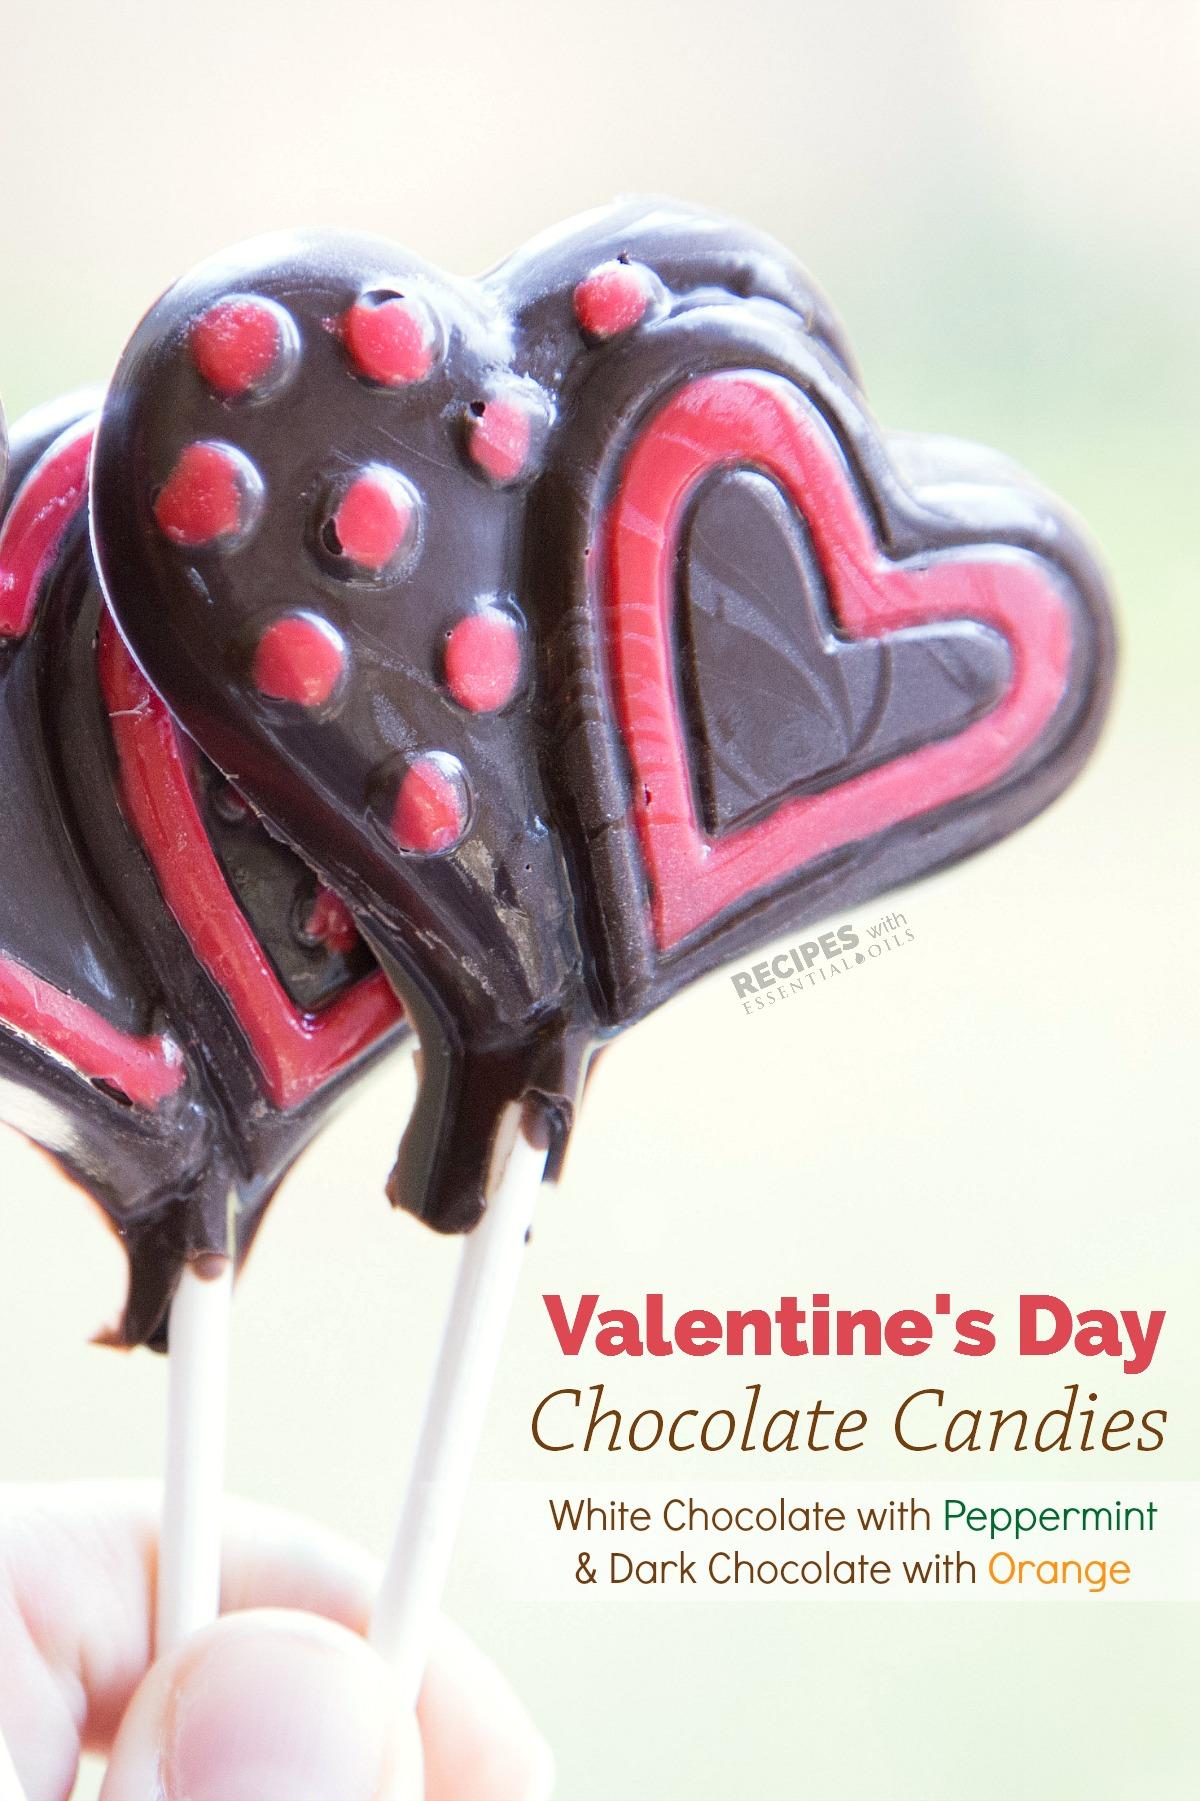 Homemade Chocolate Candy With Essential Oils From  RecipeswithEssentialOils.com